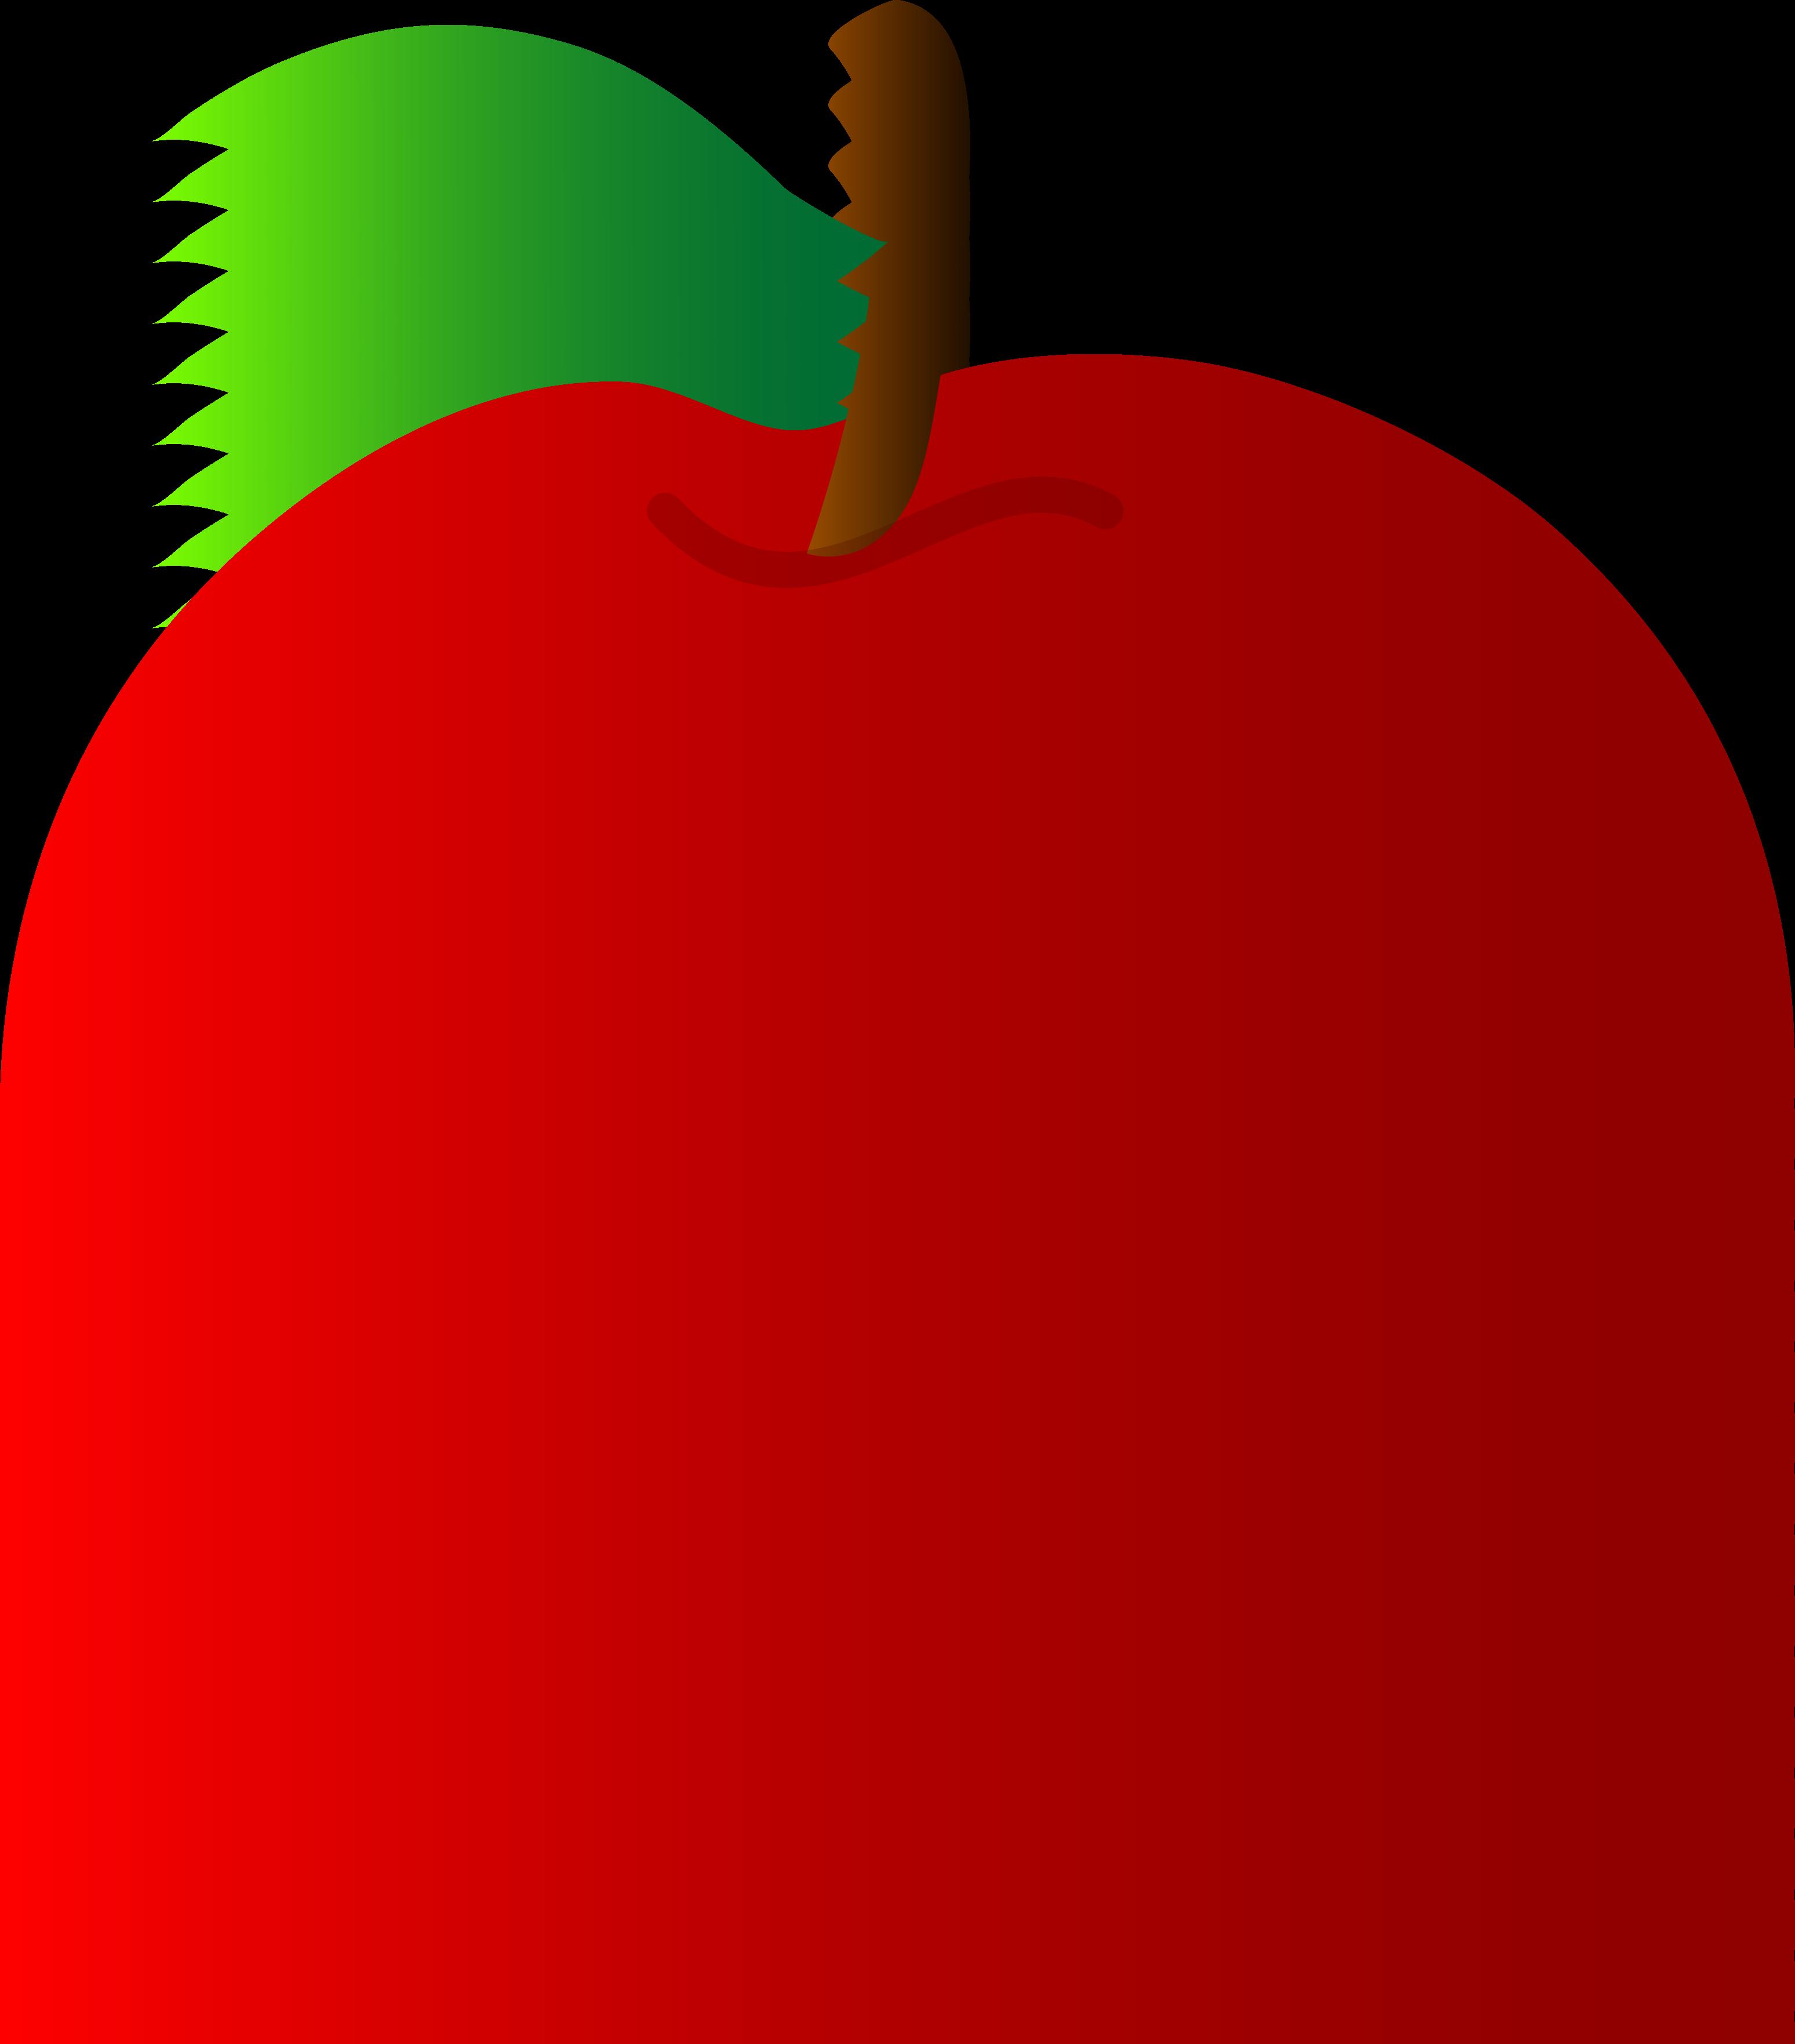 3097x3526 Big Apples Clipart